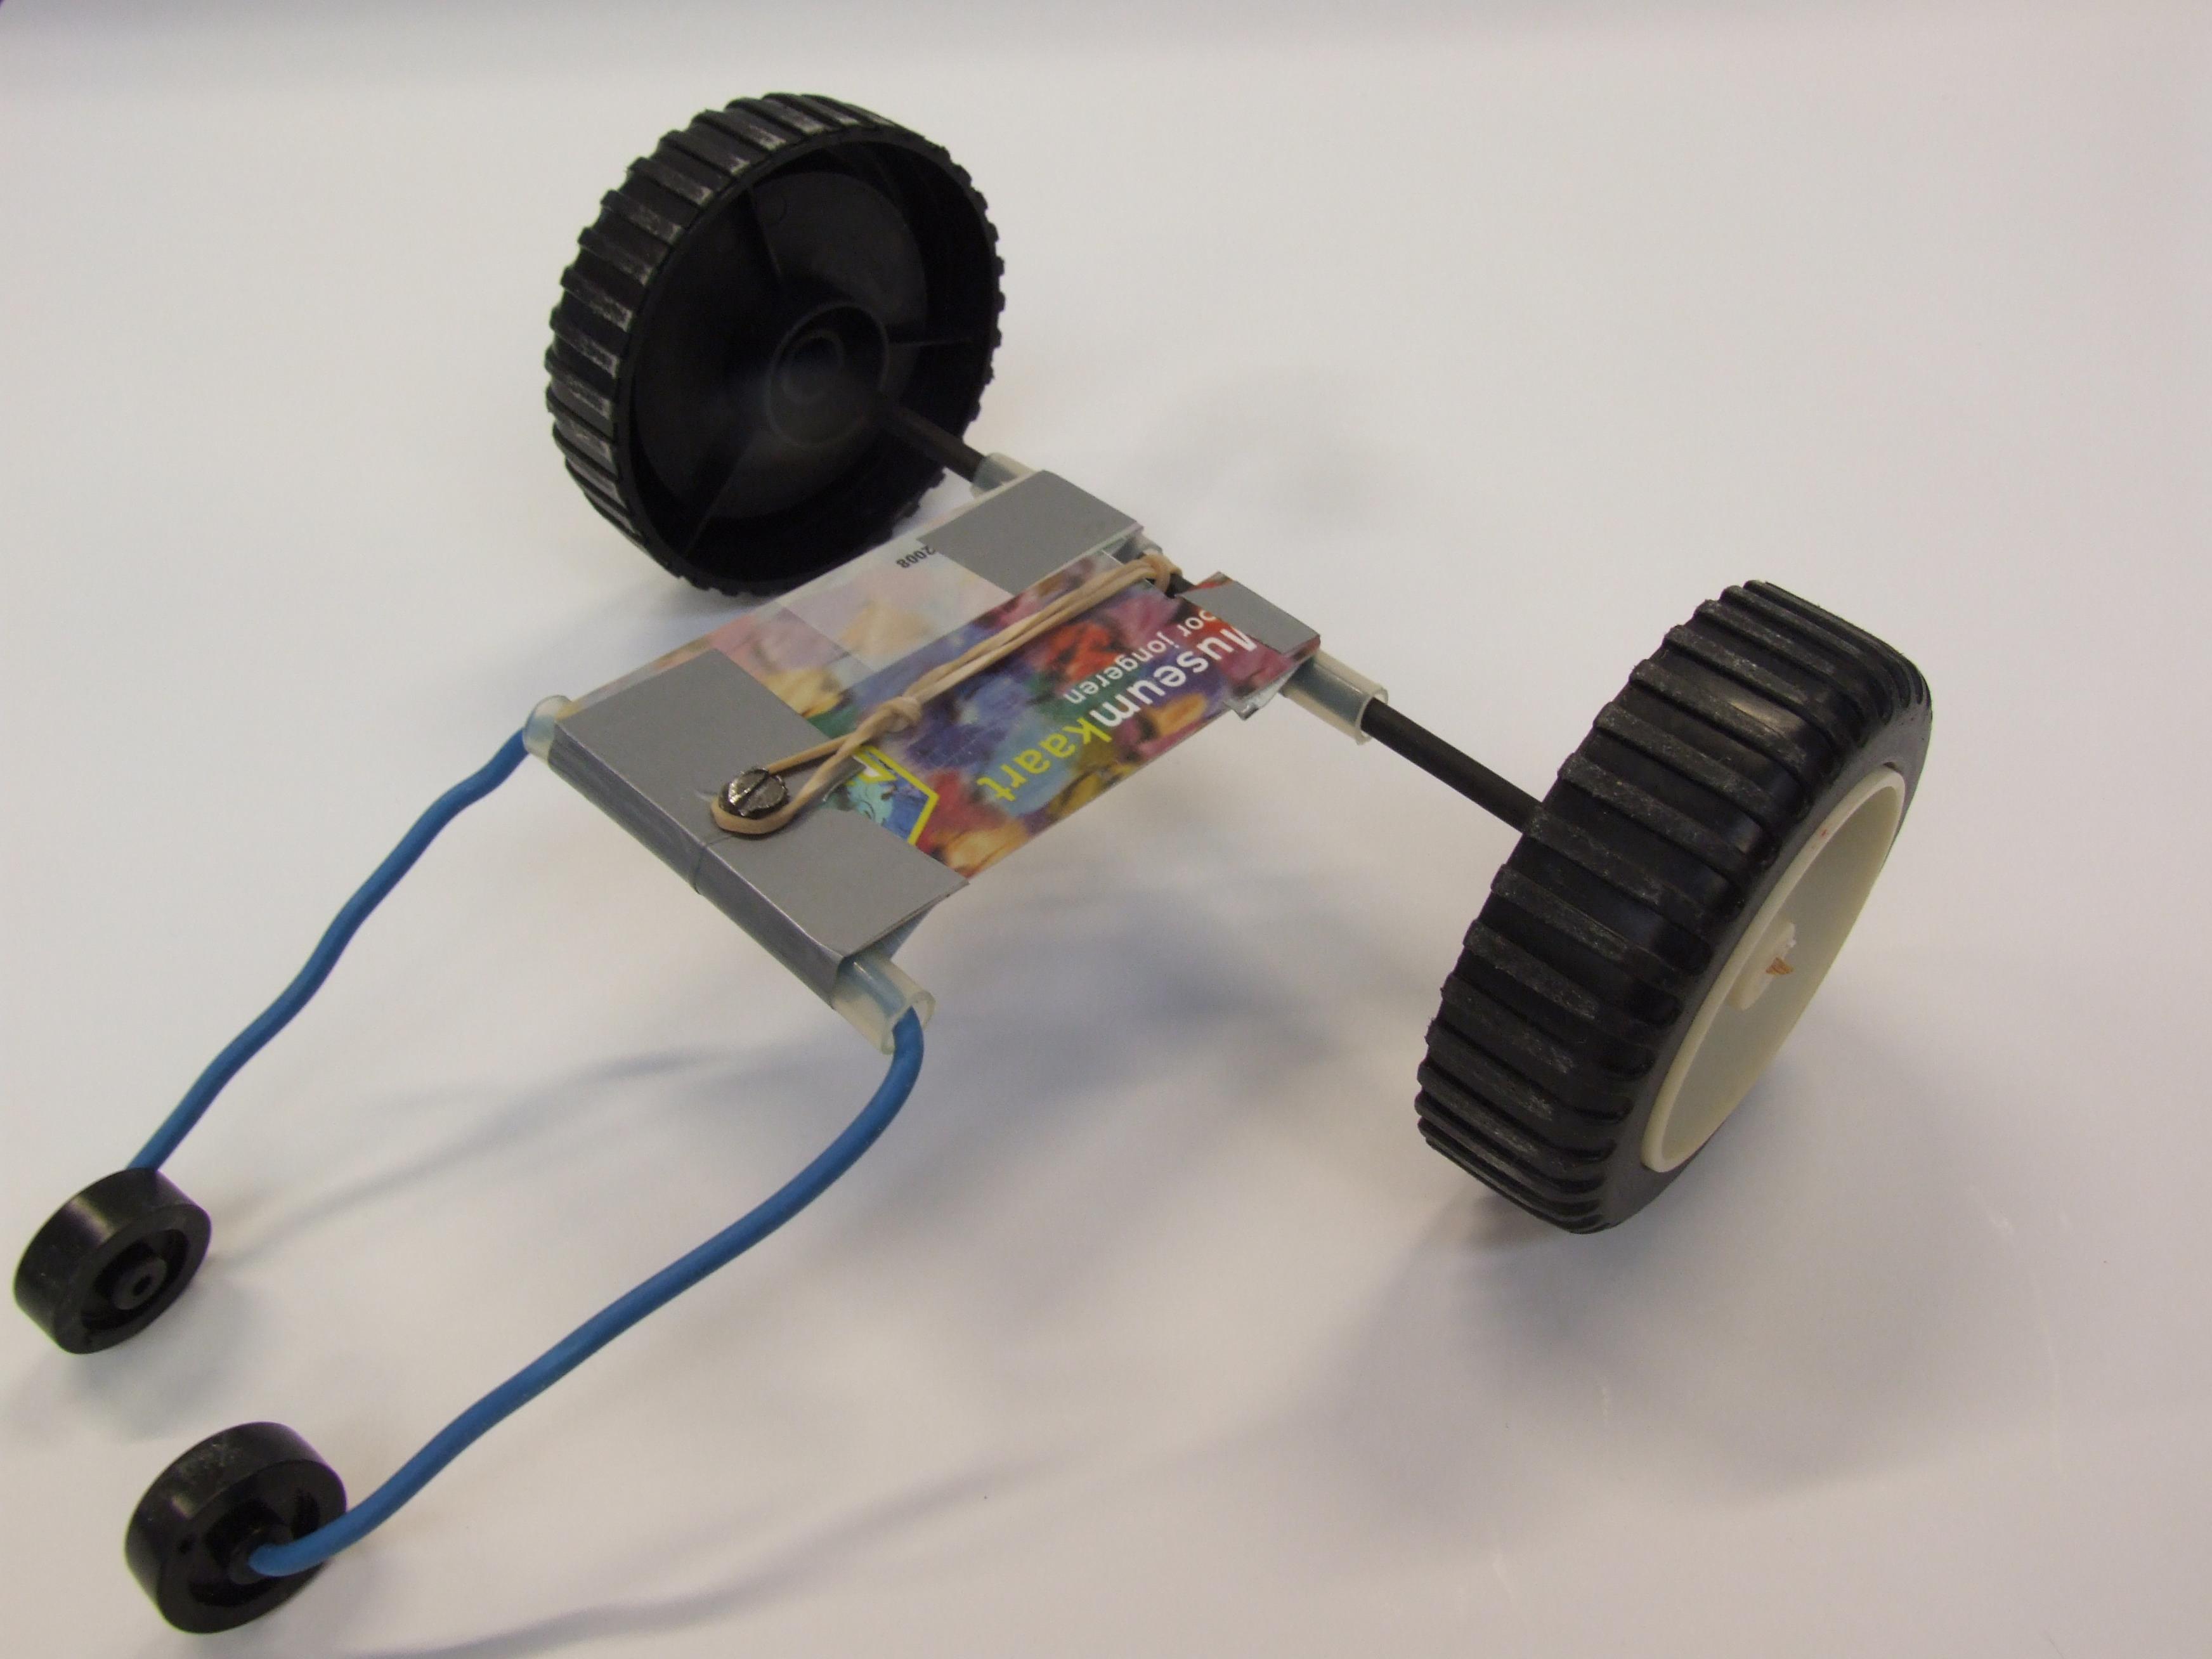 Techniekworkshops, uitvinden, klei voor kinderen in de zomervakantie